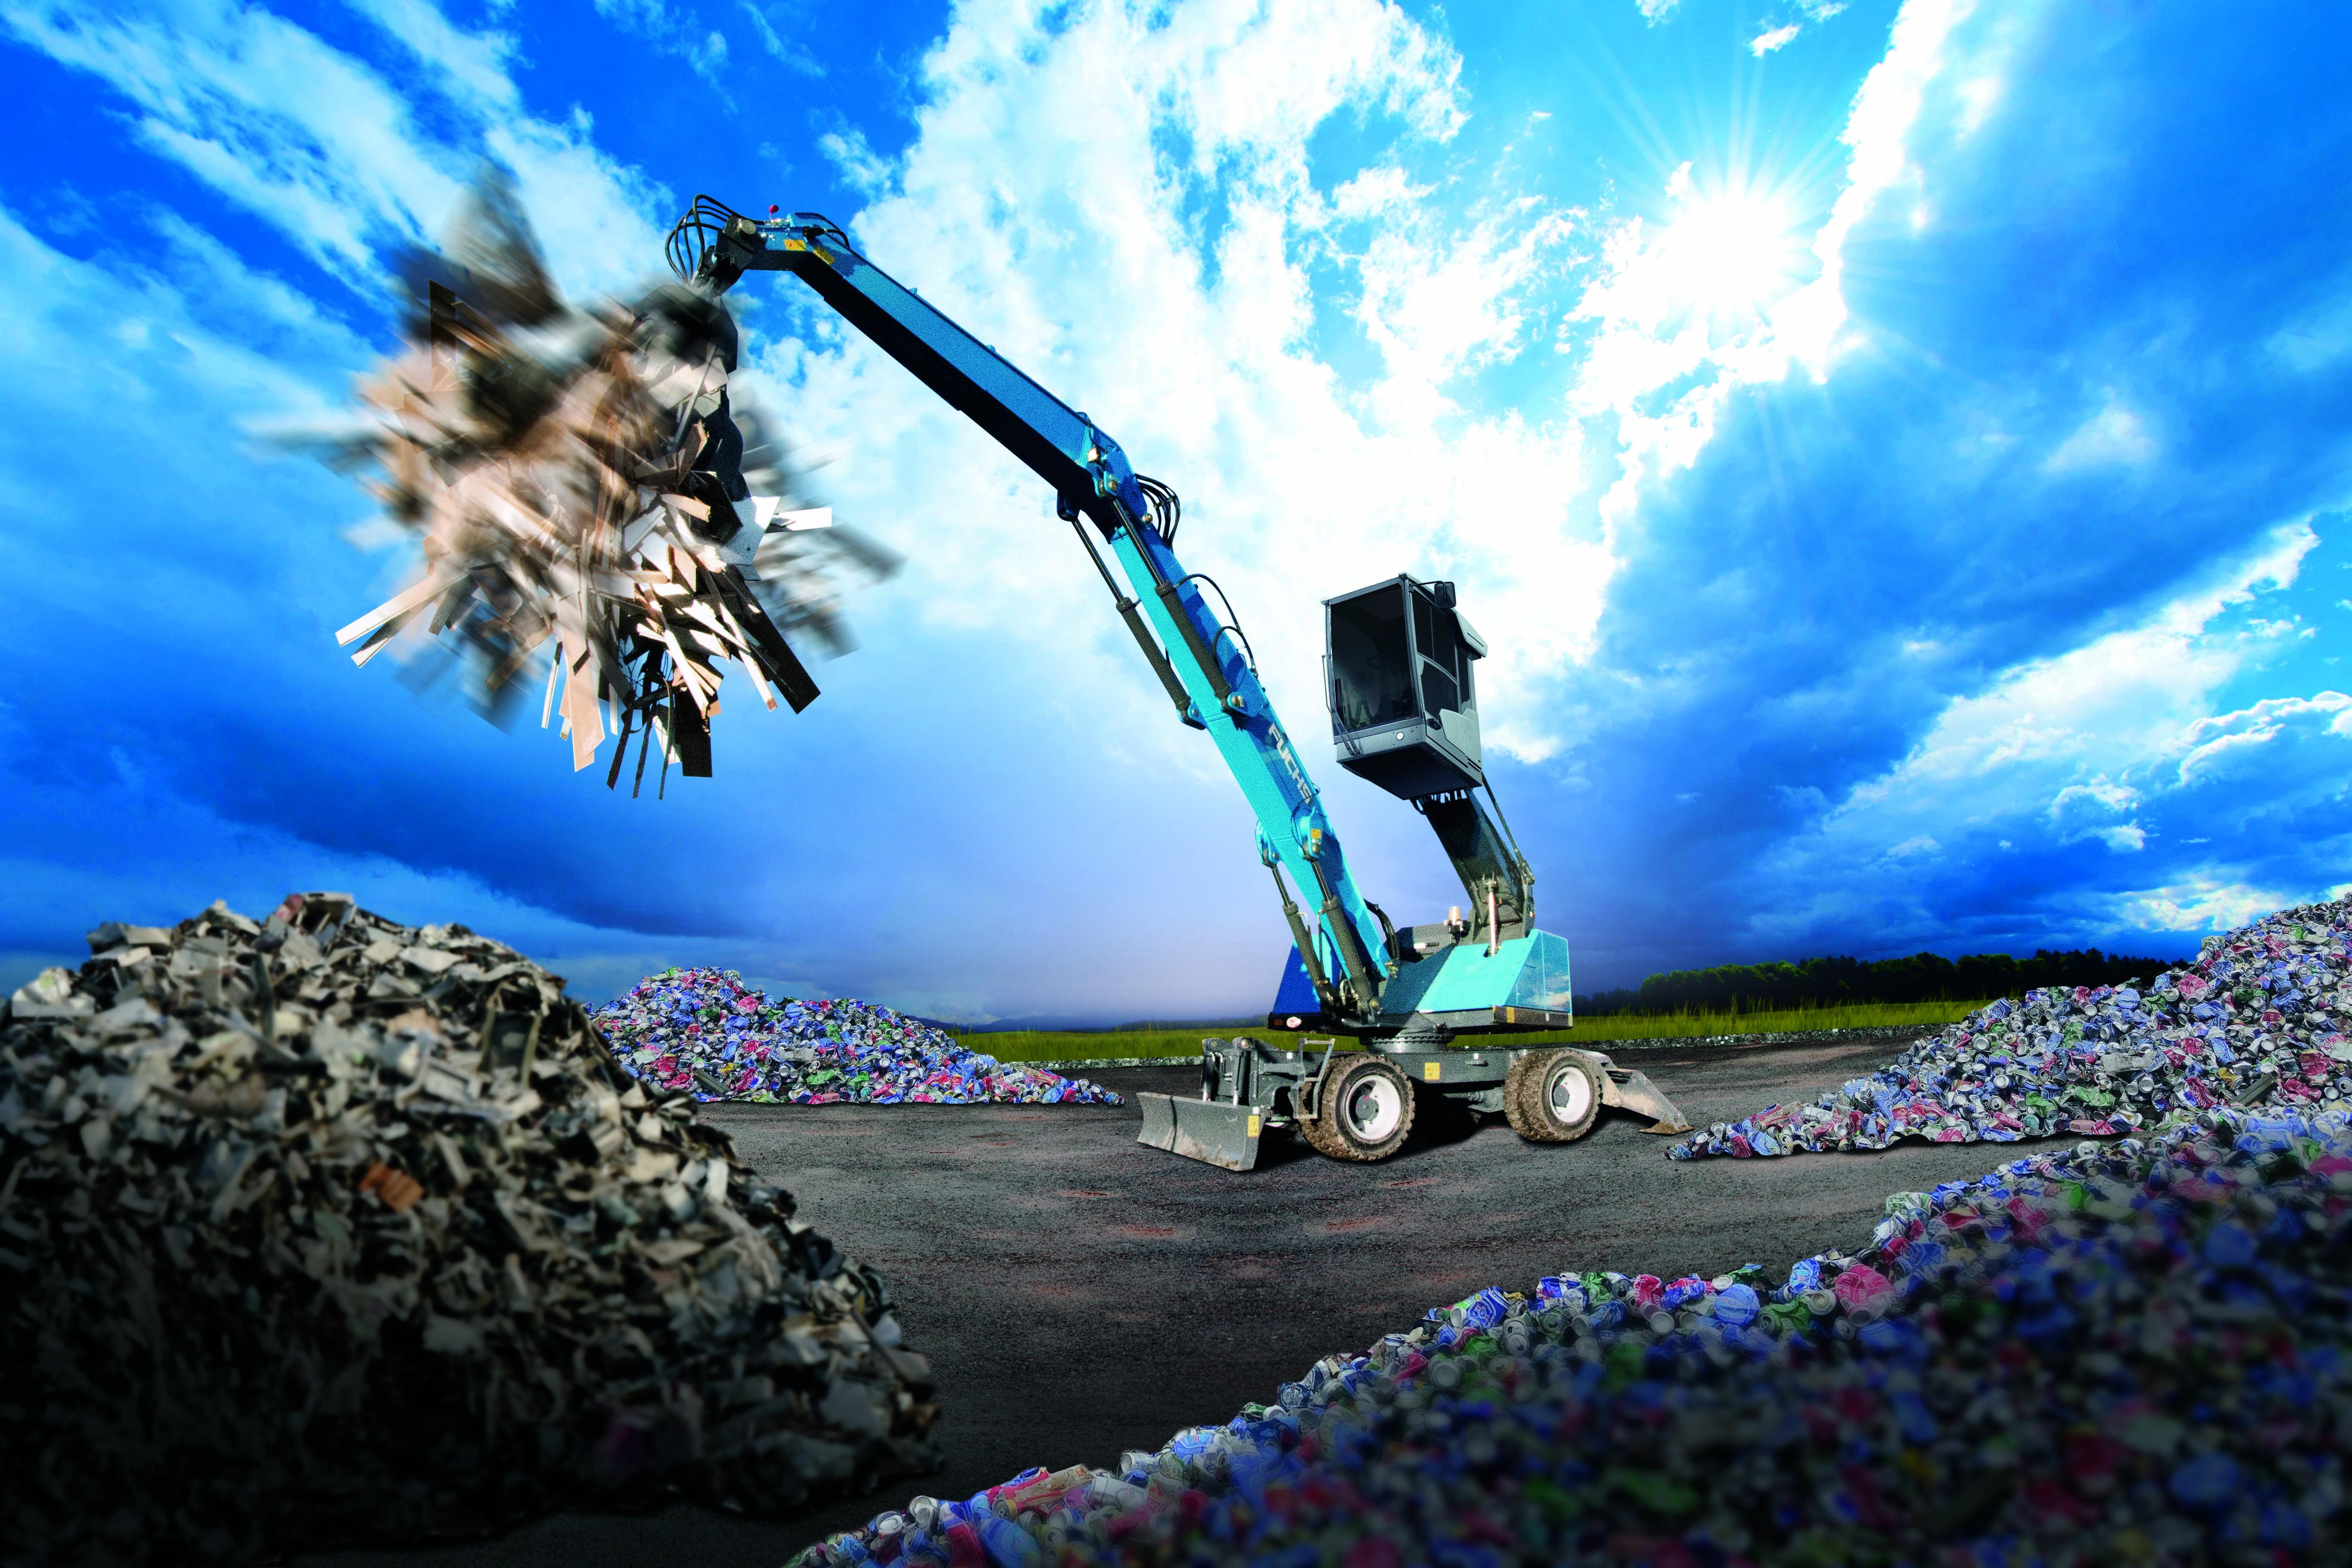 Effizienz, Flexibilität, Leistungsstärke sowie Durchhaltevermögen sind Eigenschaften, die auf der Anforderungsliste im Recyclingeinsatz ganz oben stehen. Fuchs Maschinen sind bestens gerüstet für den erfolgreichen und volumenstarken Umschlag auf dem Freigelände oder in der Halle. Sicherer Stand und hohe Belastbarkeit auch bei großen Arbeitsradien, die ebenso sanfte wie präzise und schnelle Ladehydraulik, eine extrem robuste Statik und gleichermaßen kraftvolle wie sparsame Motoren sind Merkmale, die auf Recyclinghöfen nicht mehr wegzudenken sind